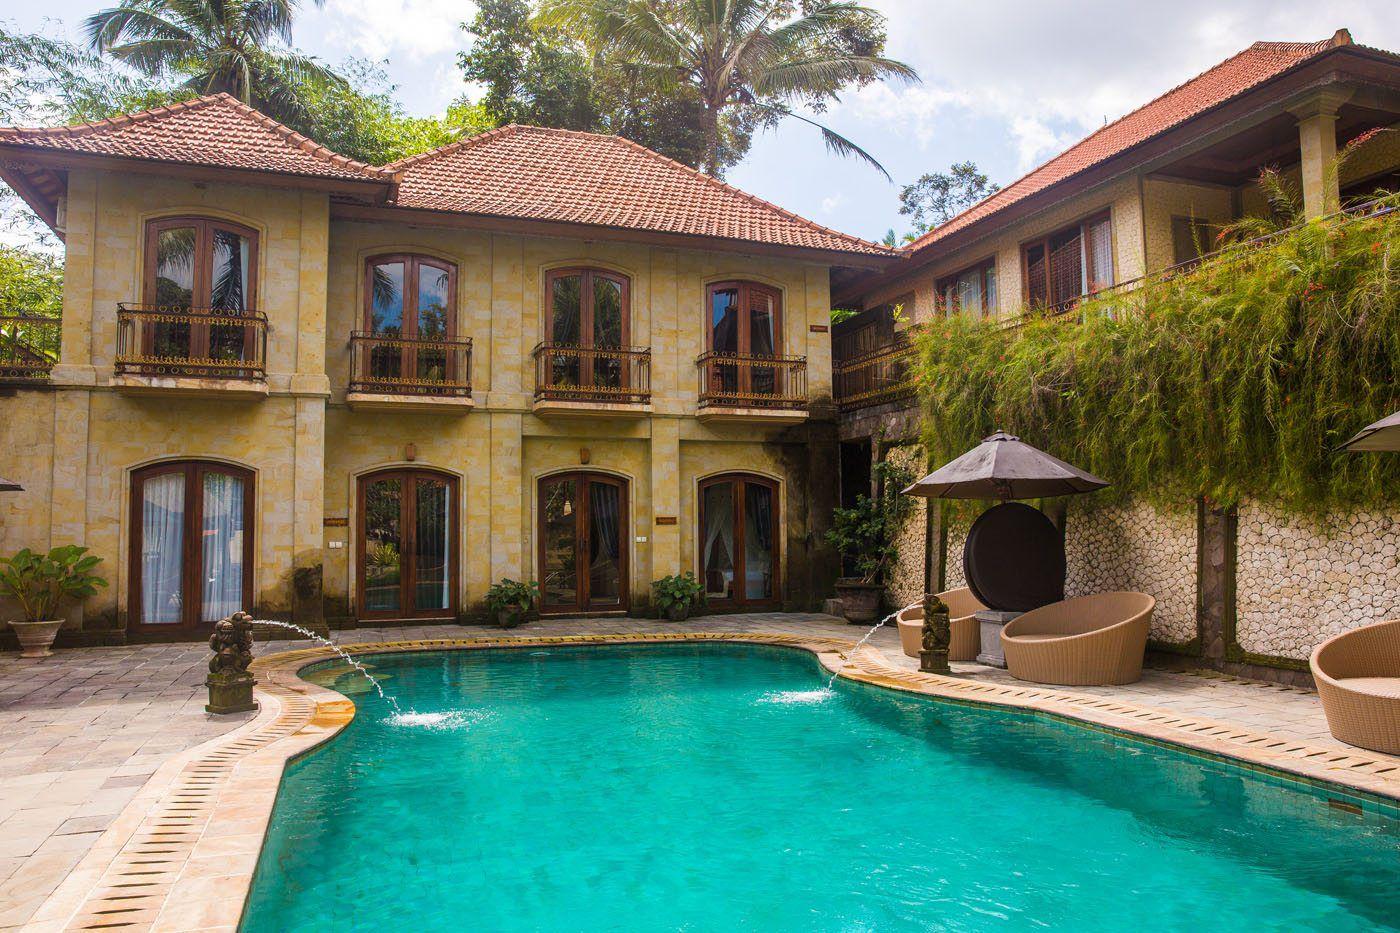 Bali Villa Ubud